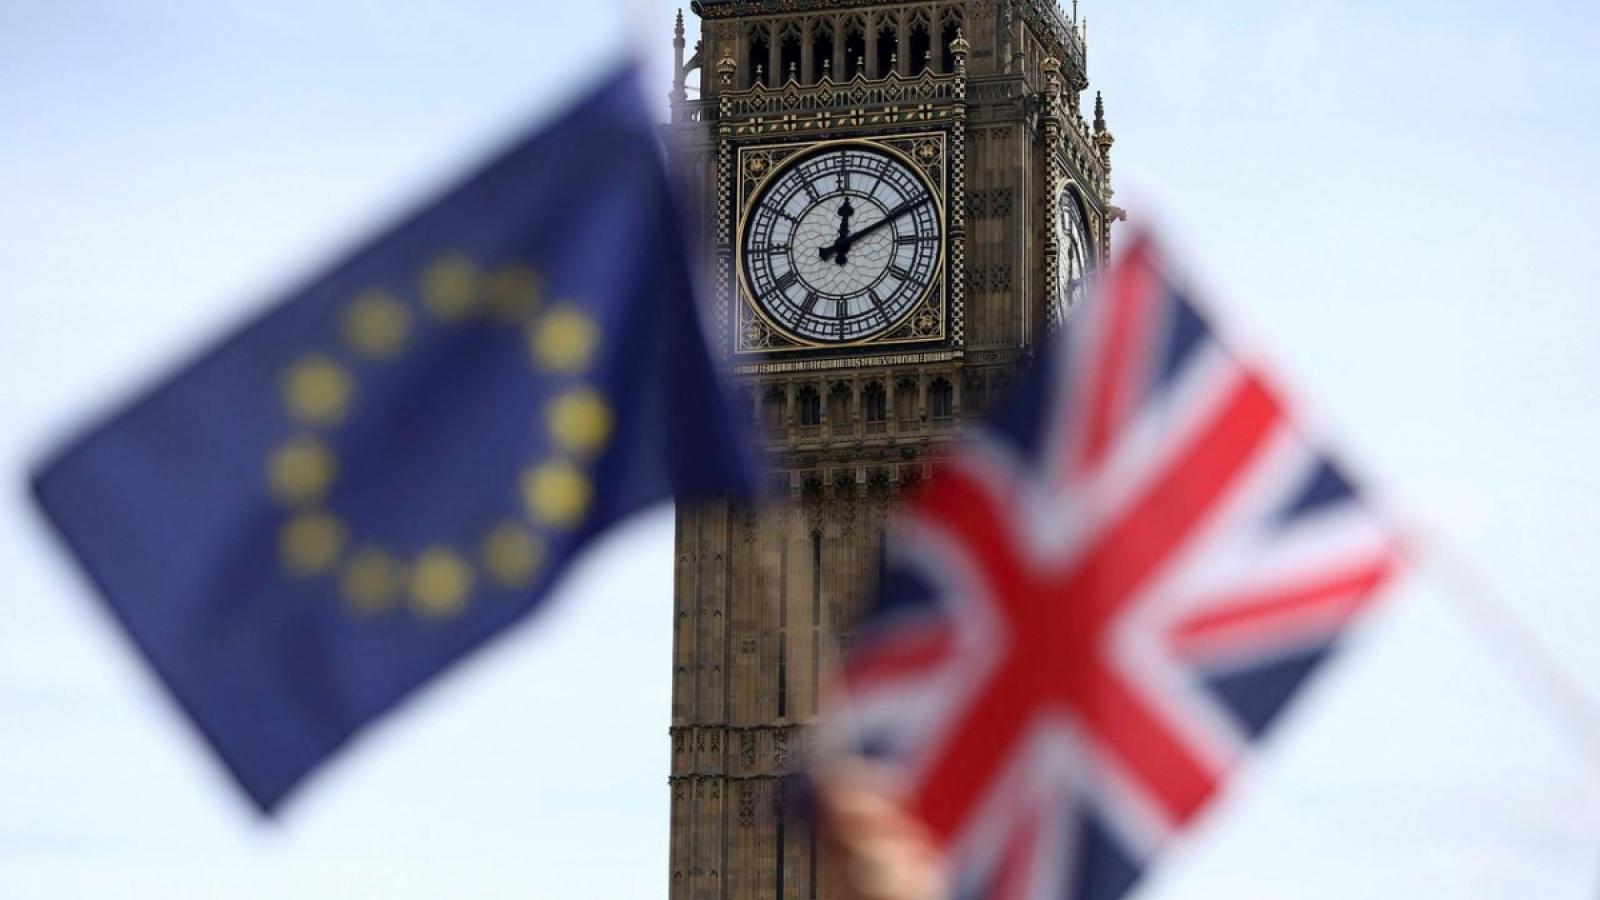 Thỏa thuận thương mại EU - Anh không có tiến triển thực chất